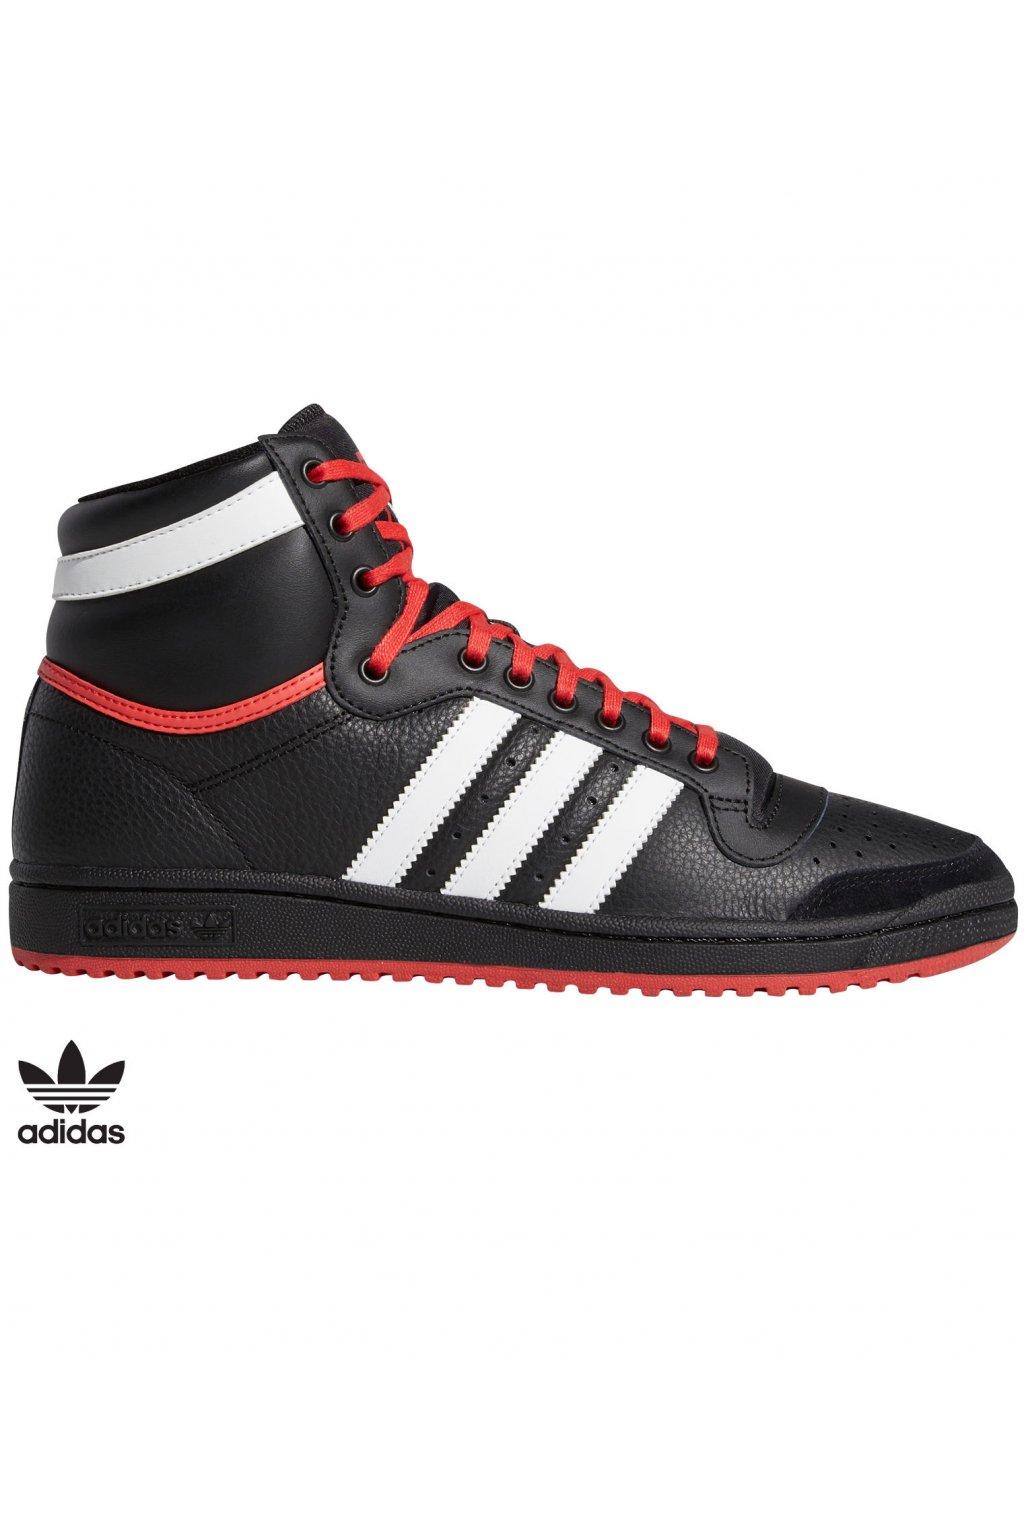 ef6365 clenkove tenisky adidas top ten hi